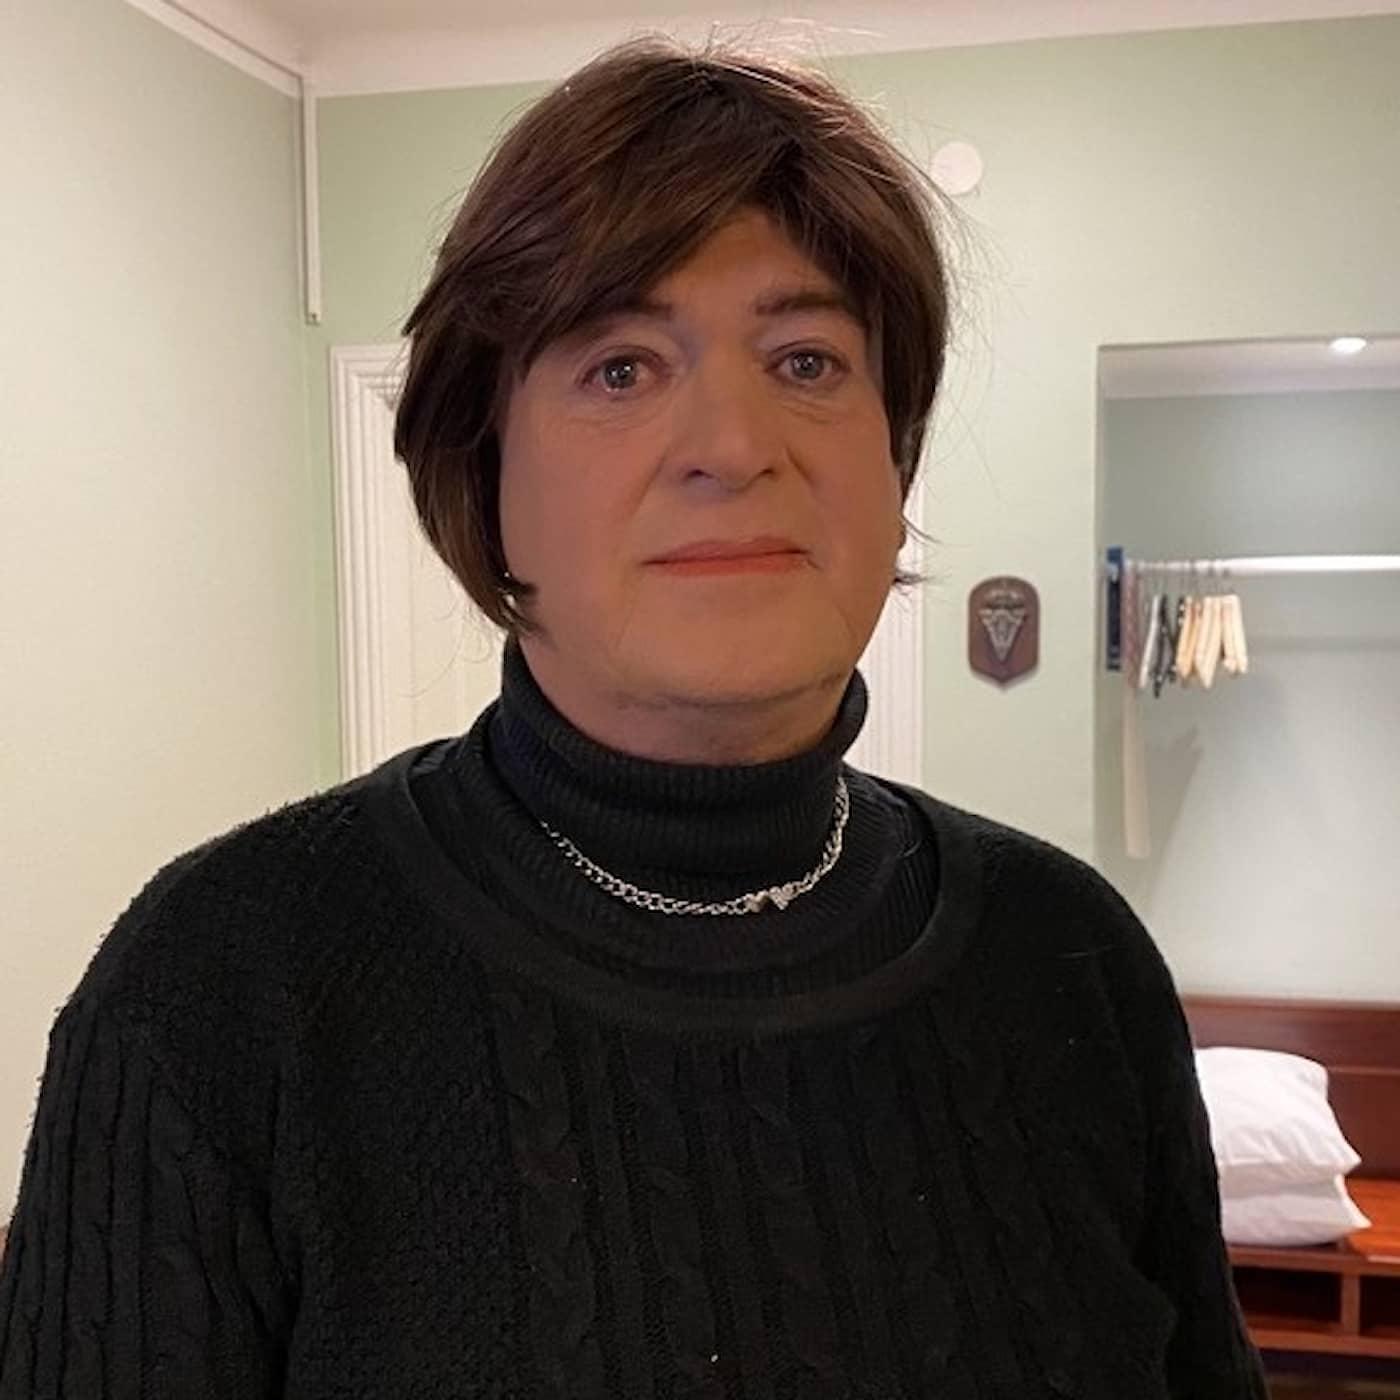 Marisol: Jag kunde inte ens ta ordet transvestit i min mun